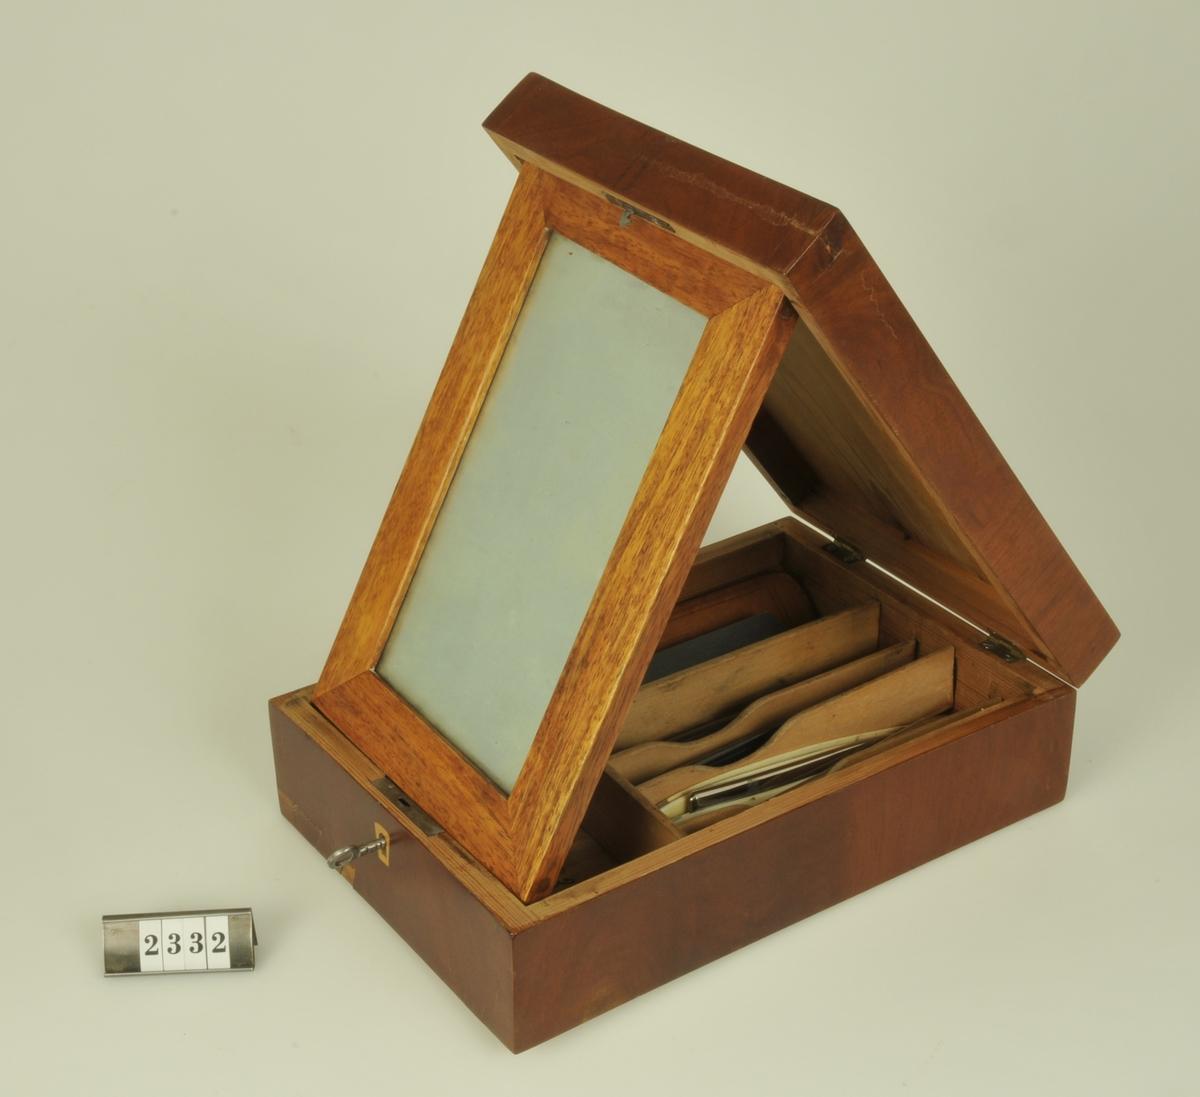 I lådan är 11 st. rakknivar placerade.  Rakknivarna är en gåva av fru Gustava Adelsköld och överlämnades samtidigt med andra föremål.   Raklådan har även tillhört hr H.M. Bratt, Alingsås.